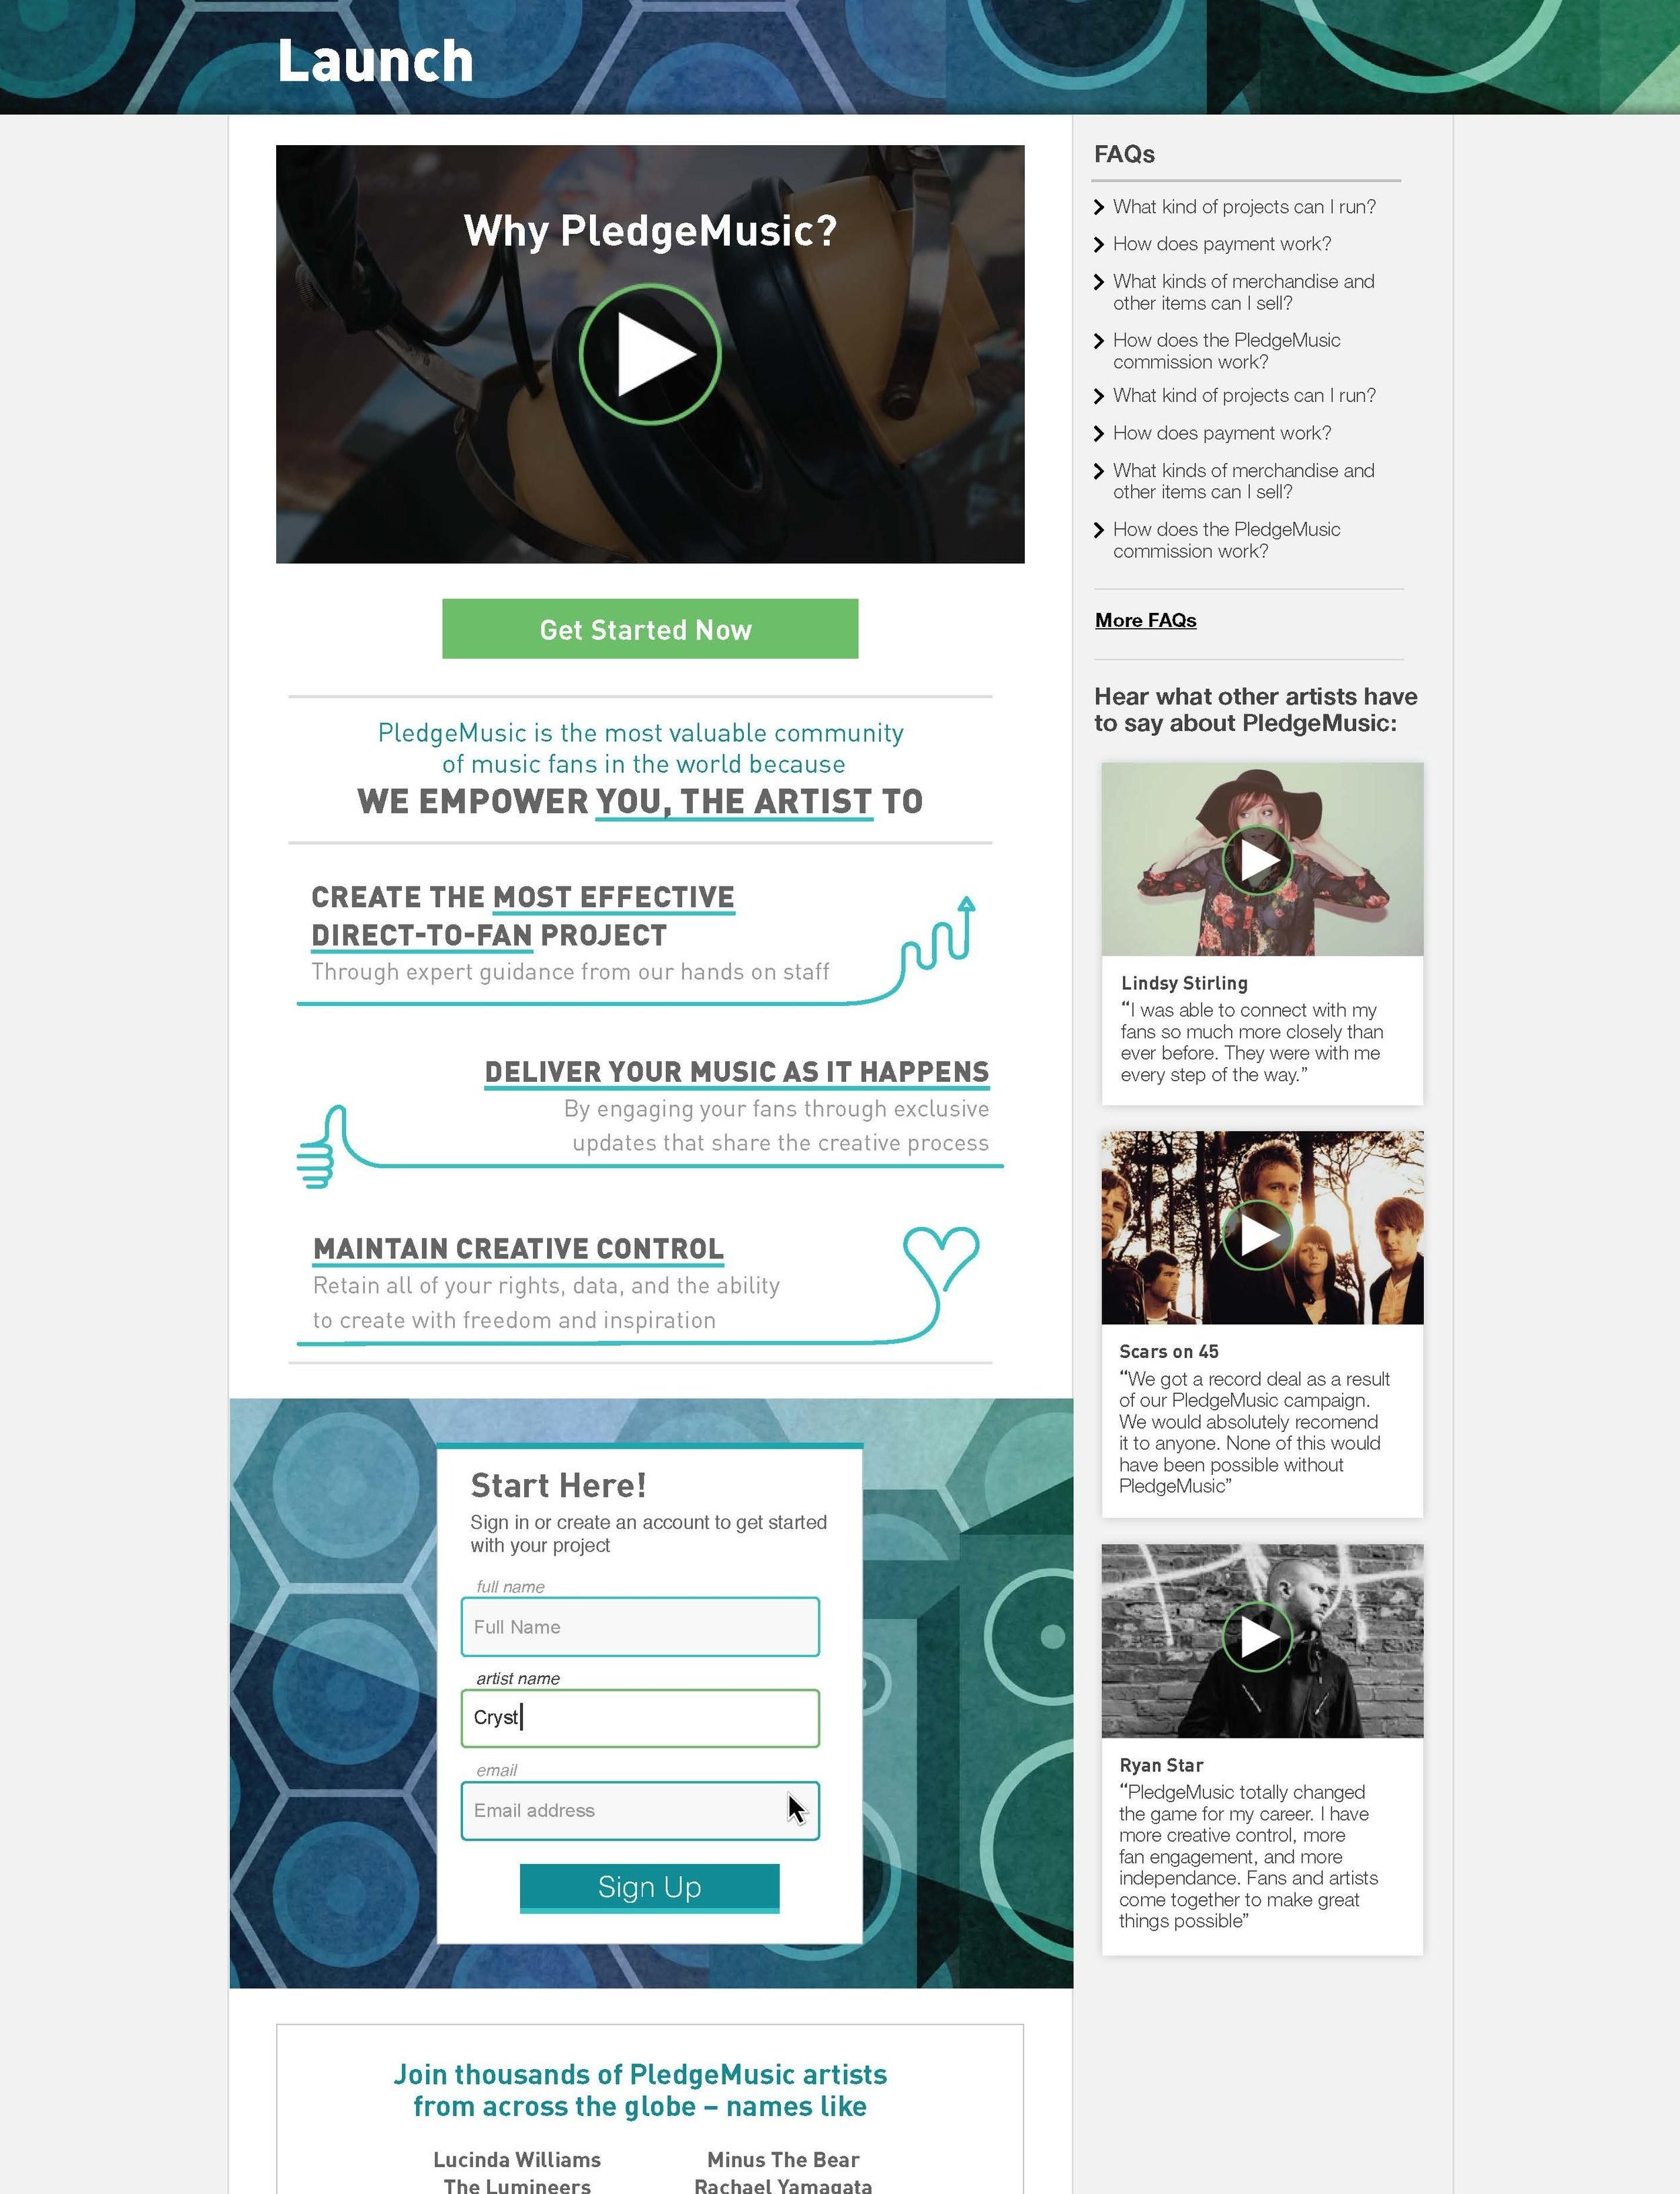 ArtistSignup-3.0-v5.2_Page_1.jpg